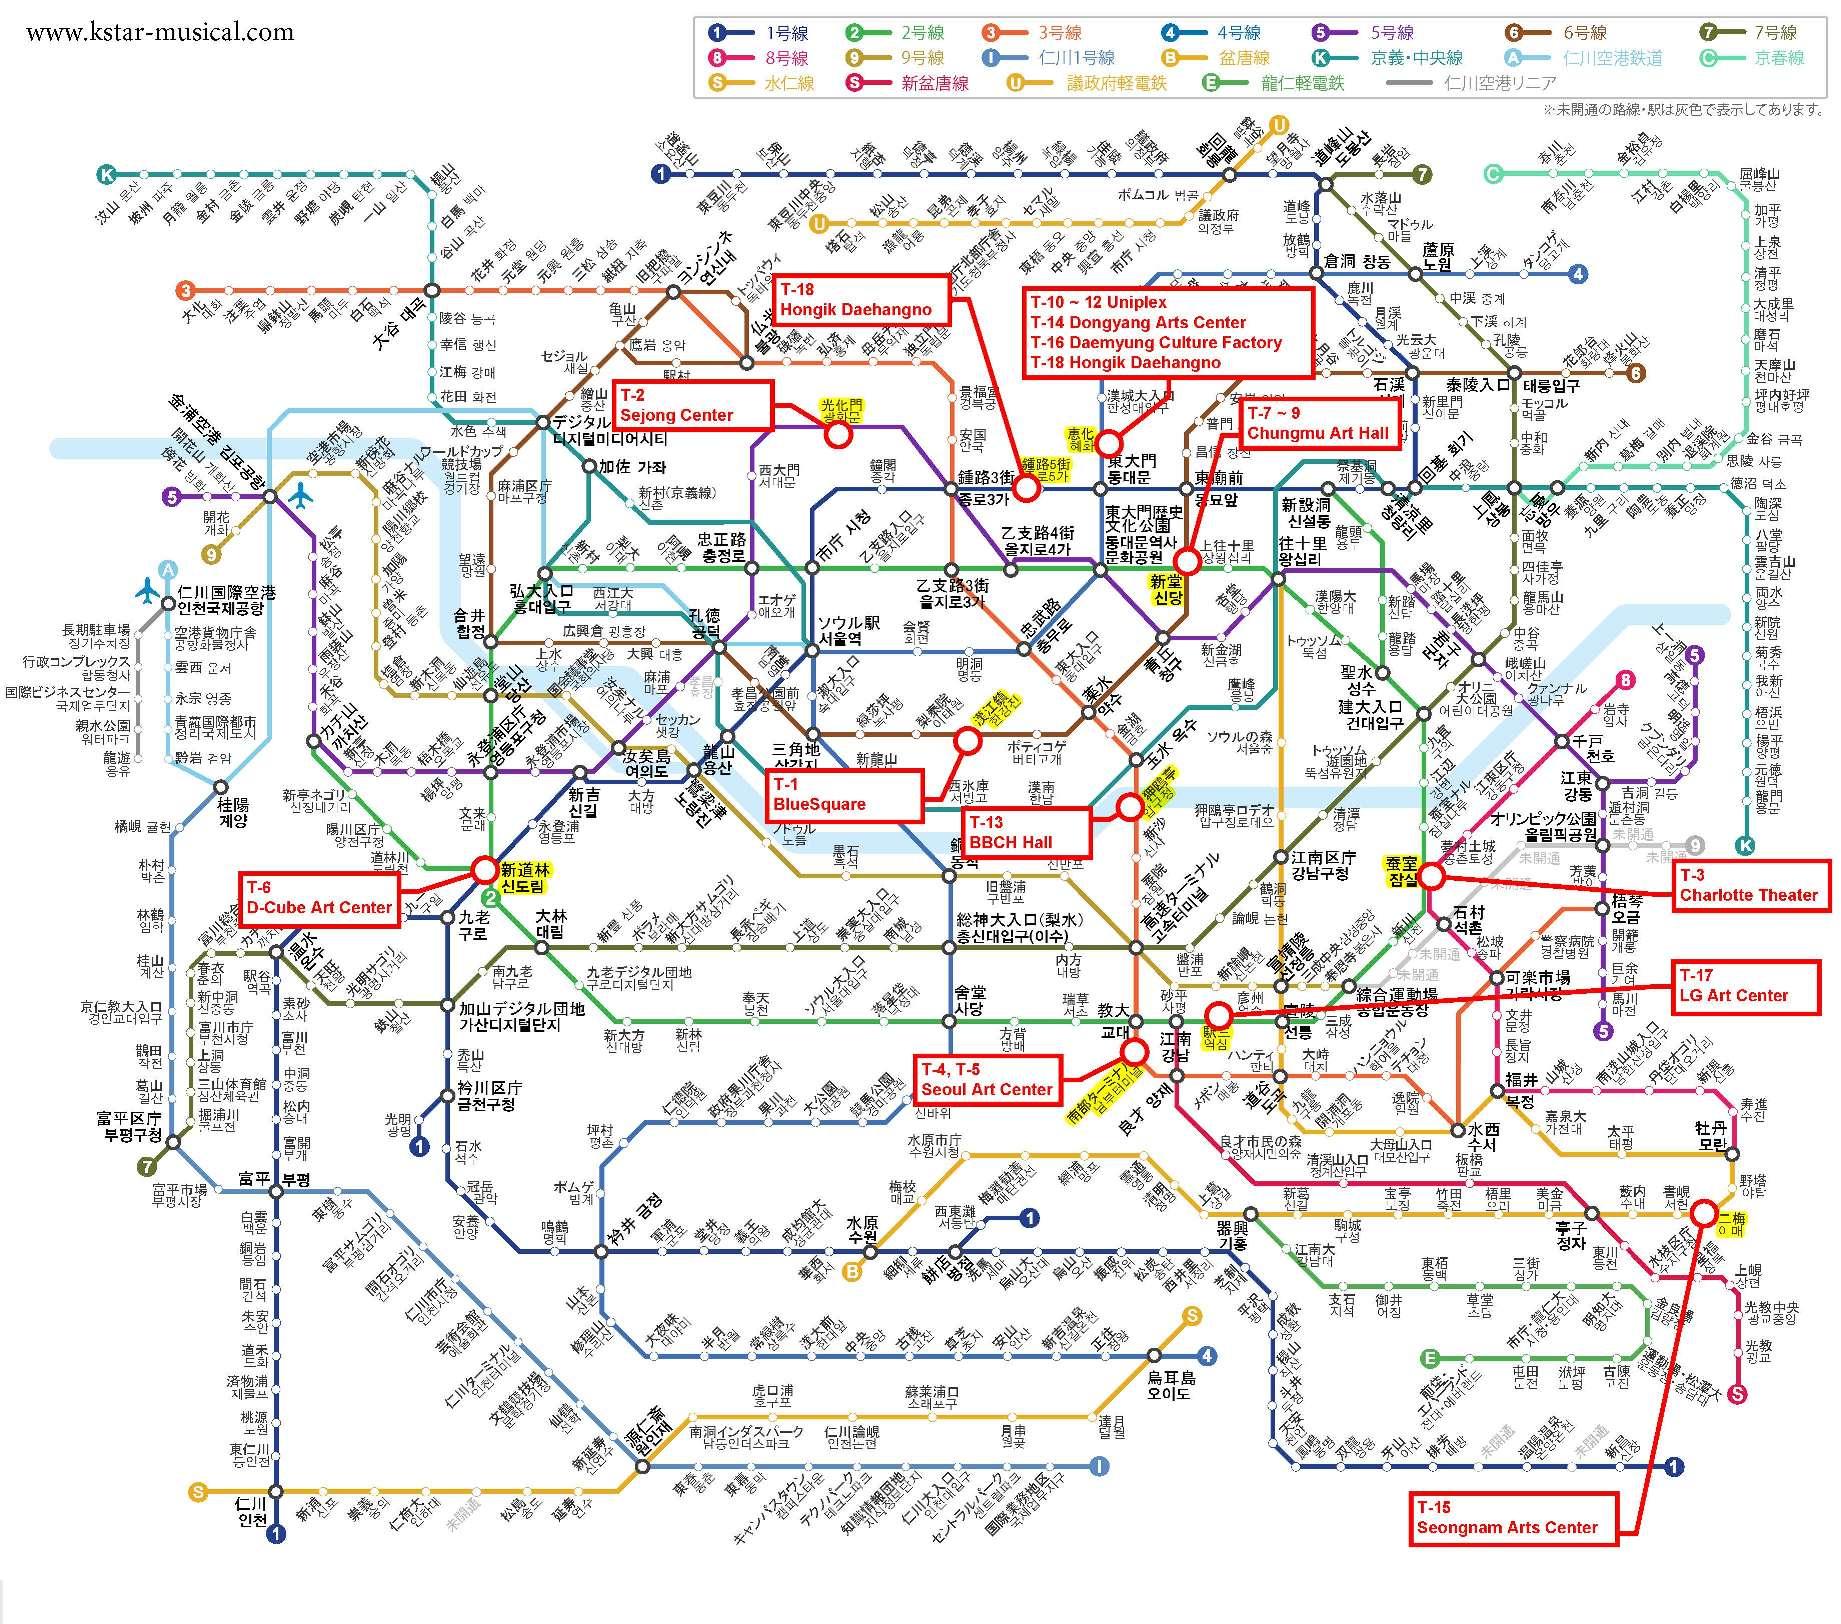 ソウル地下鉄劇場マップ